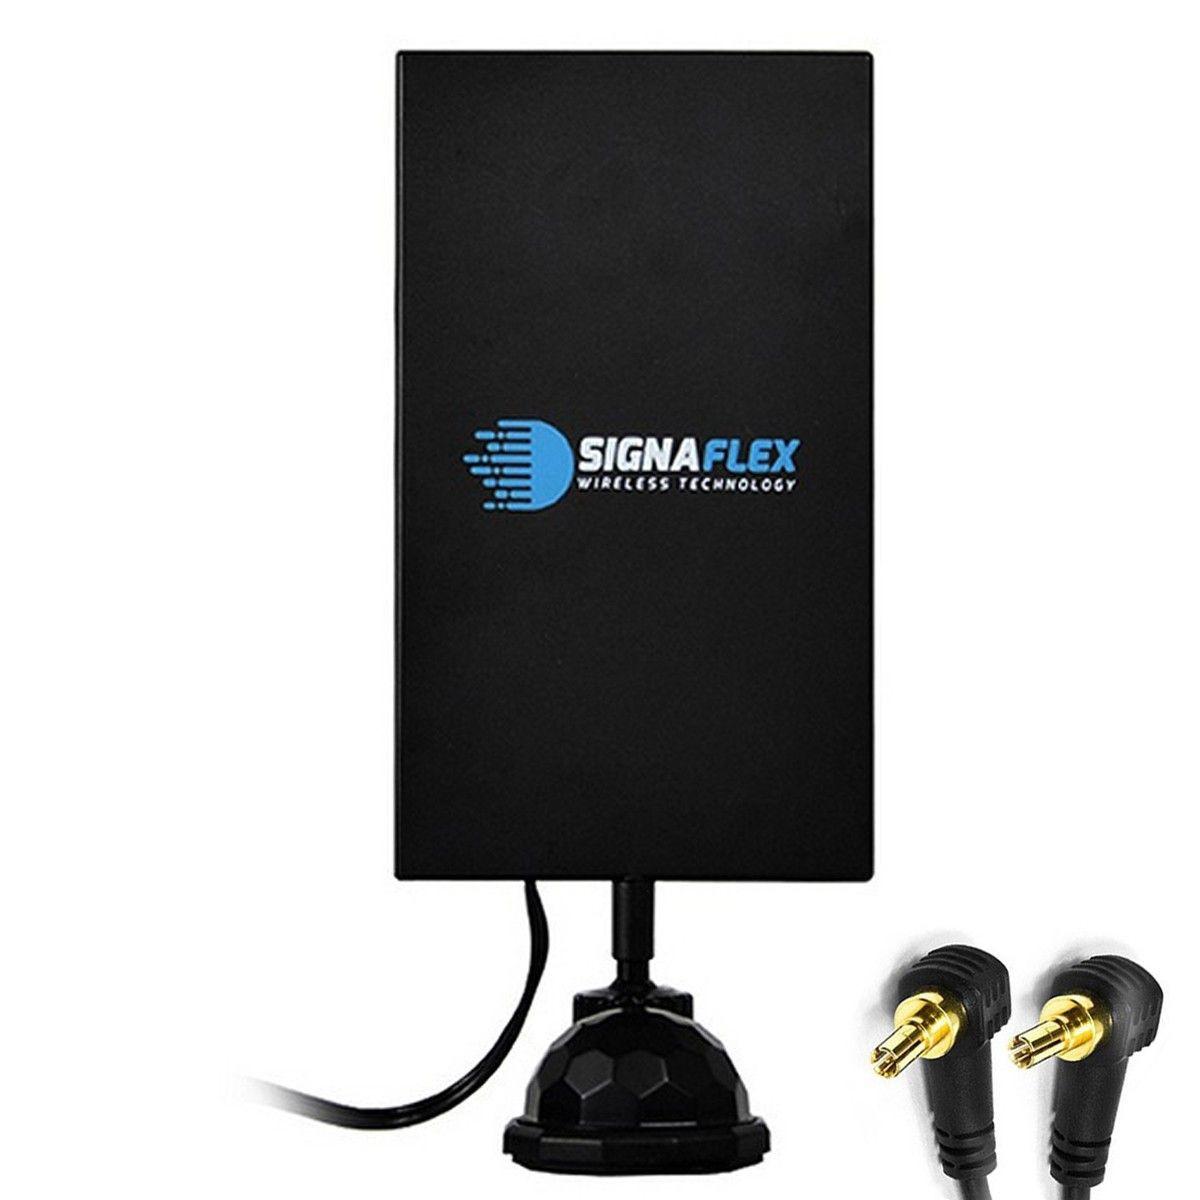 Antena mimo LTE DIAMENT 2x22dbi 2x3m 2xCRC9